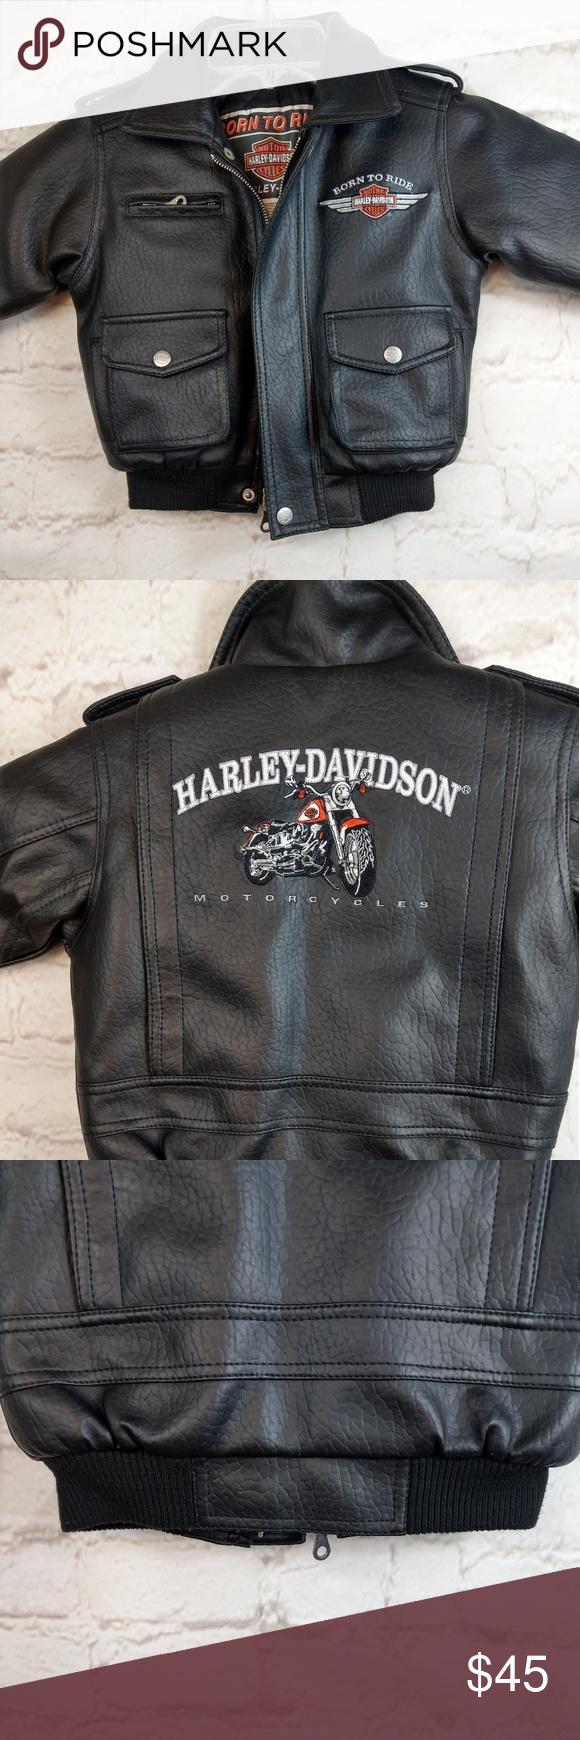 Harley Davidson Black Toddler Moto Jacket Size 3t Harley Davidson Kids Clothes Design Harley Davidson Jacket [ 1740 x 580 Pixel ]